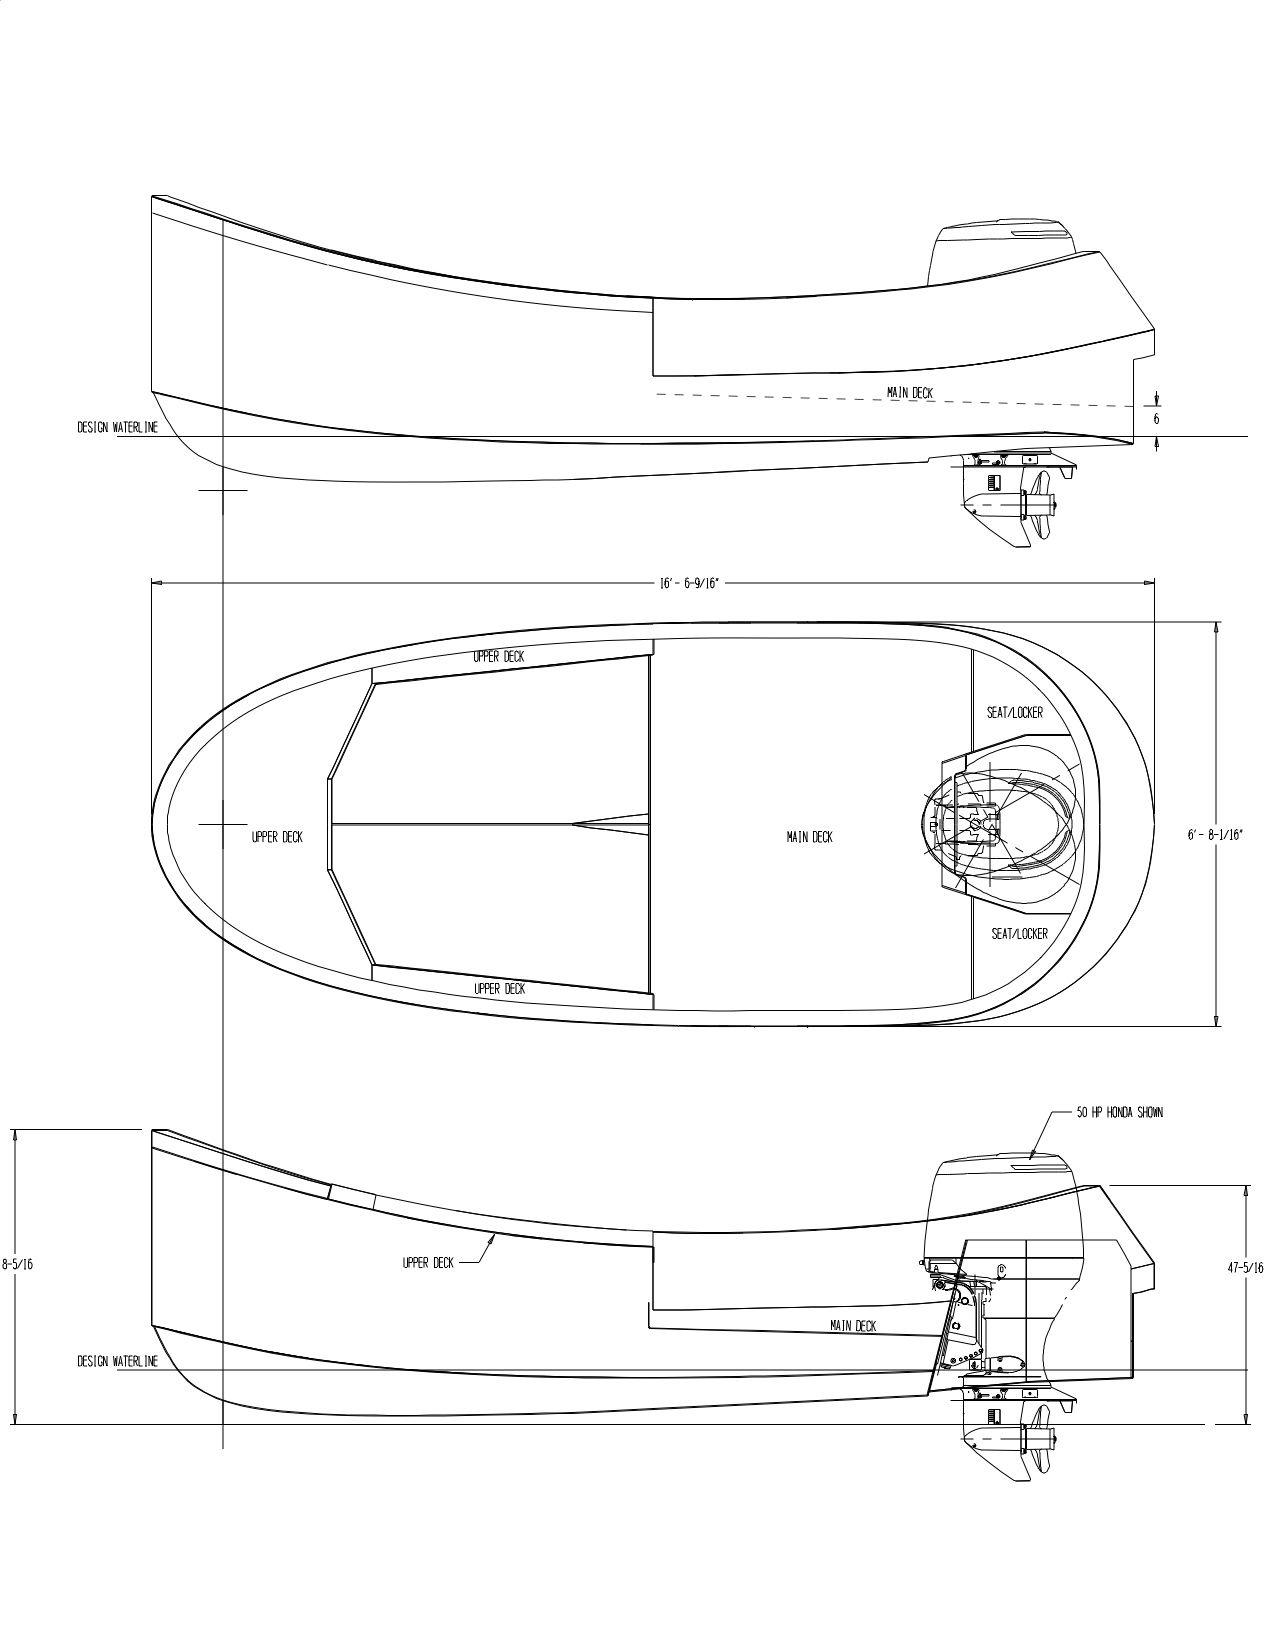 trailerable houseboat plans aluminum boat aluminum fishing boat aluminum tugboat mini tugboat [ 1275 x 1650 Pixel ]